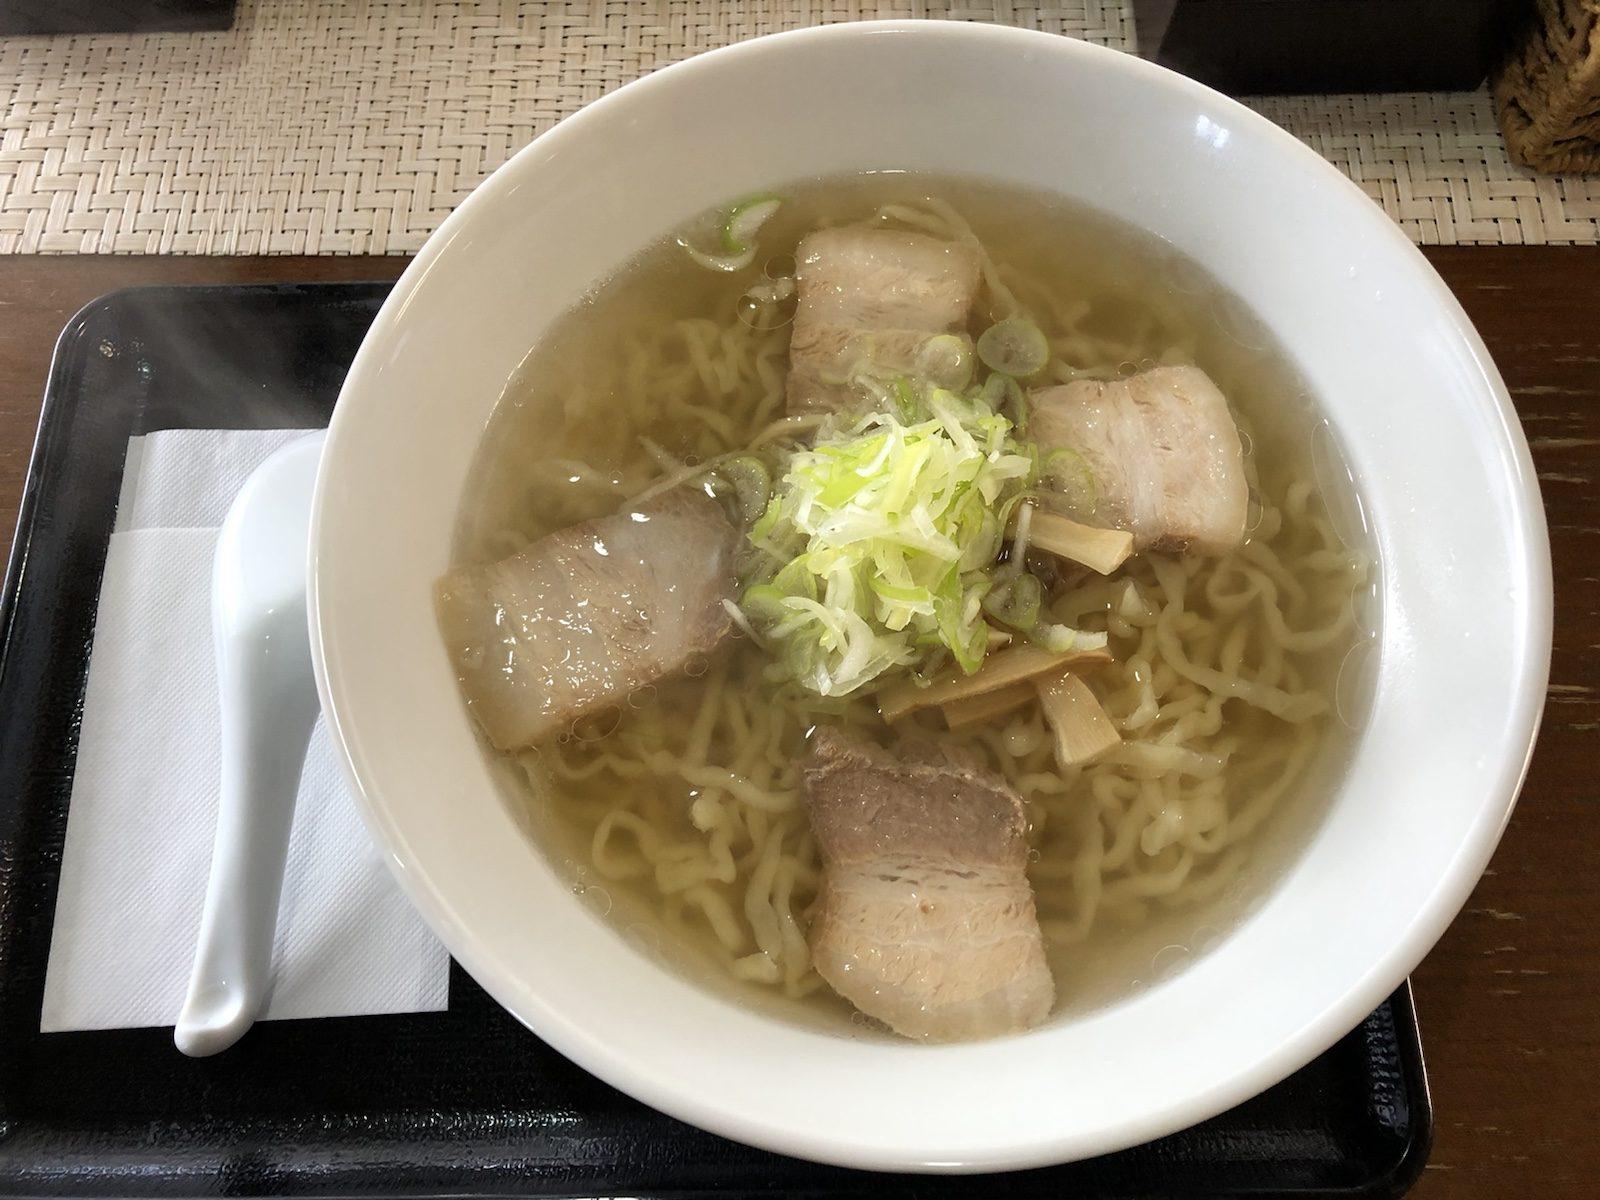 高畠「Sio-ya山喜」!コンセプトは引き算、シンプルな美味ラーメン